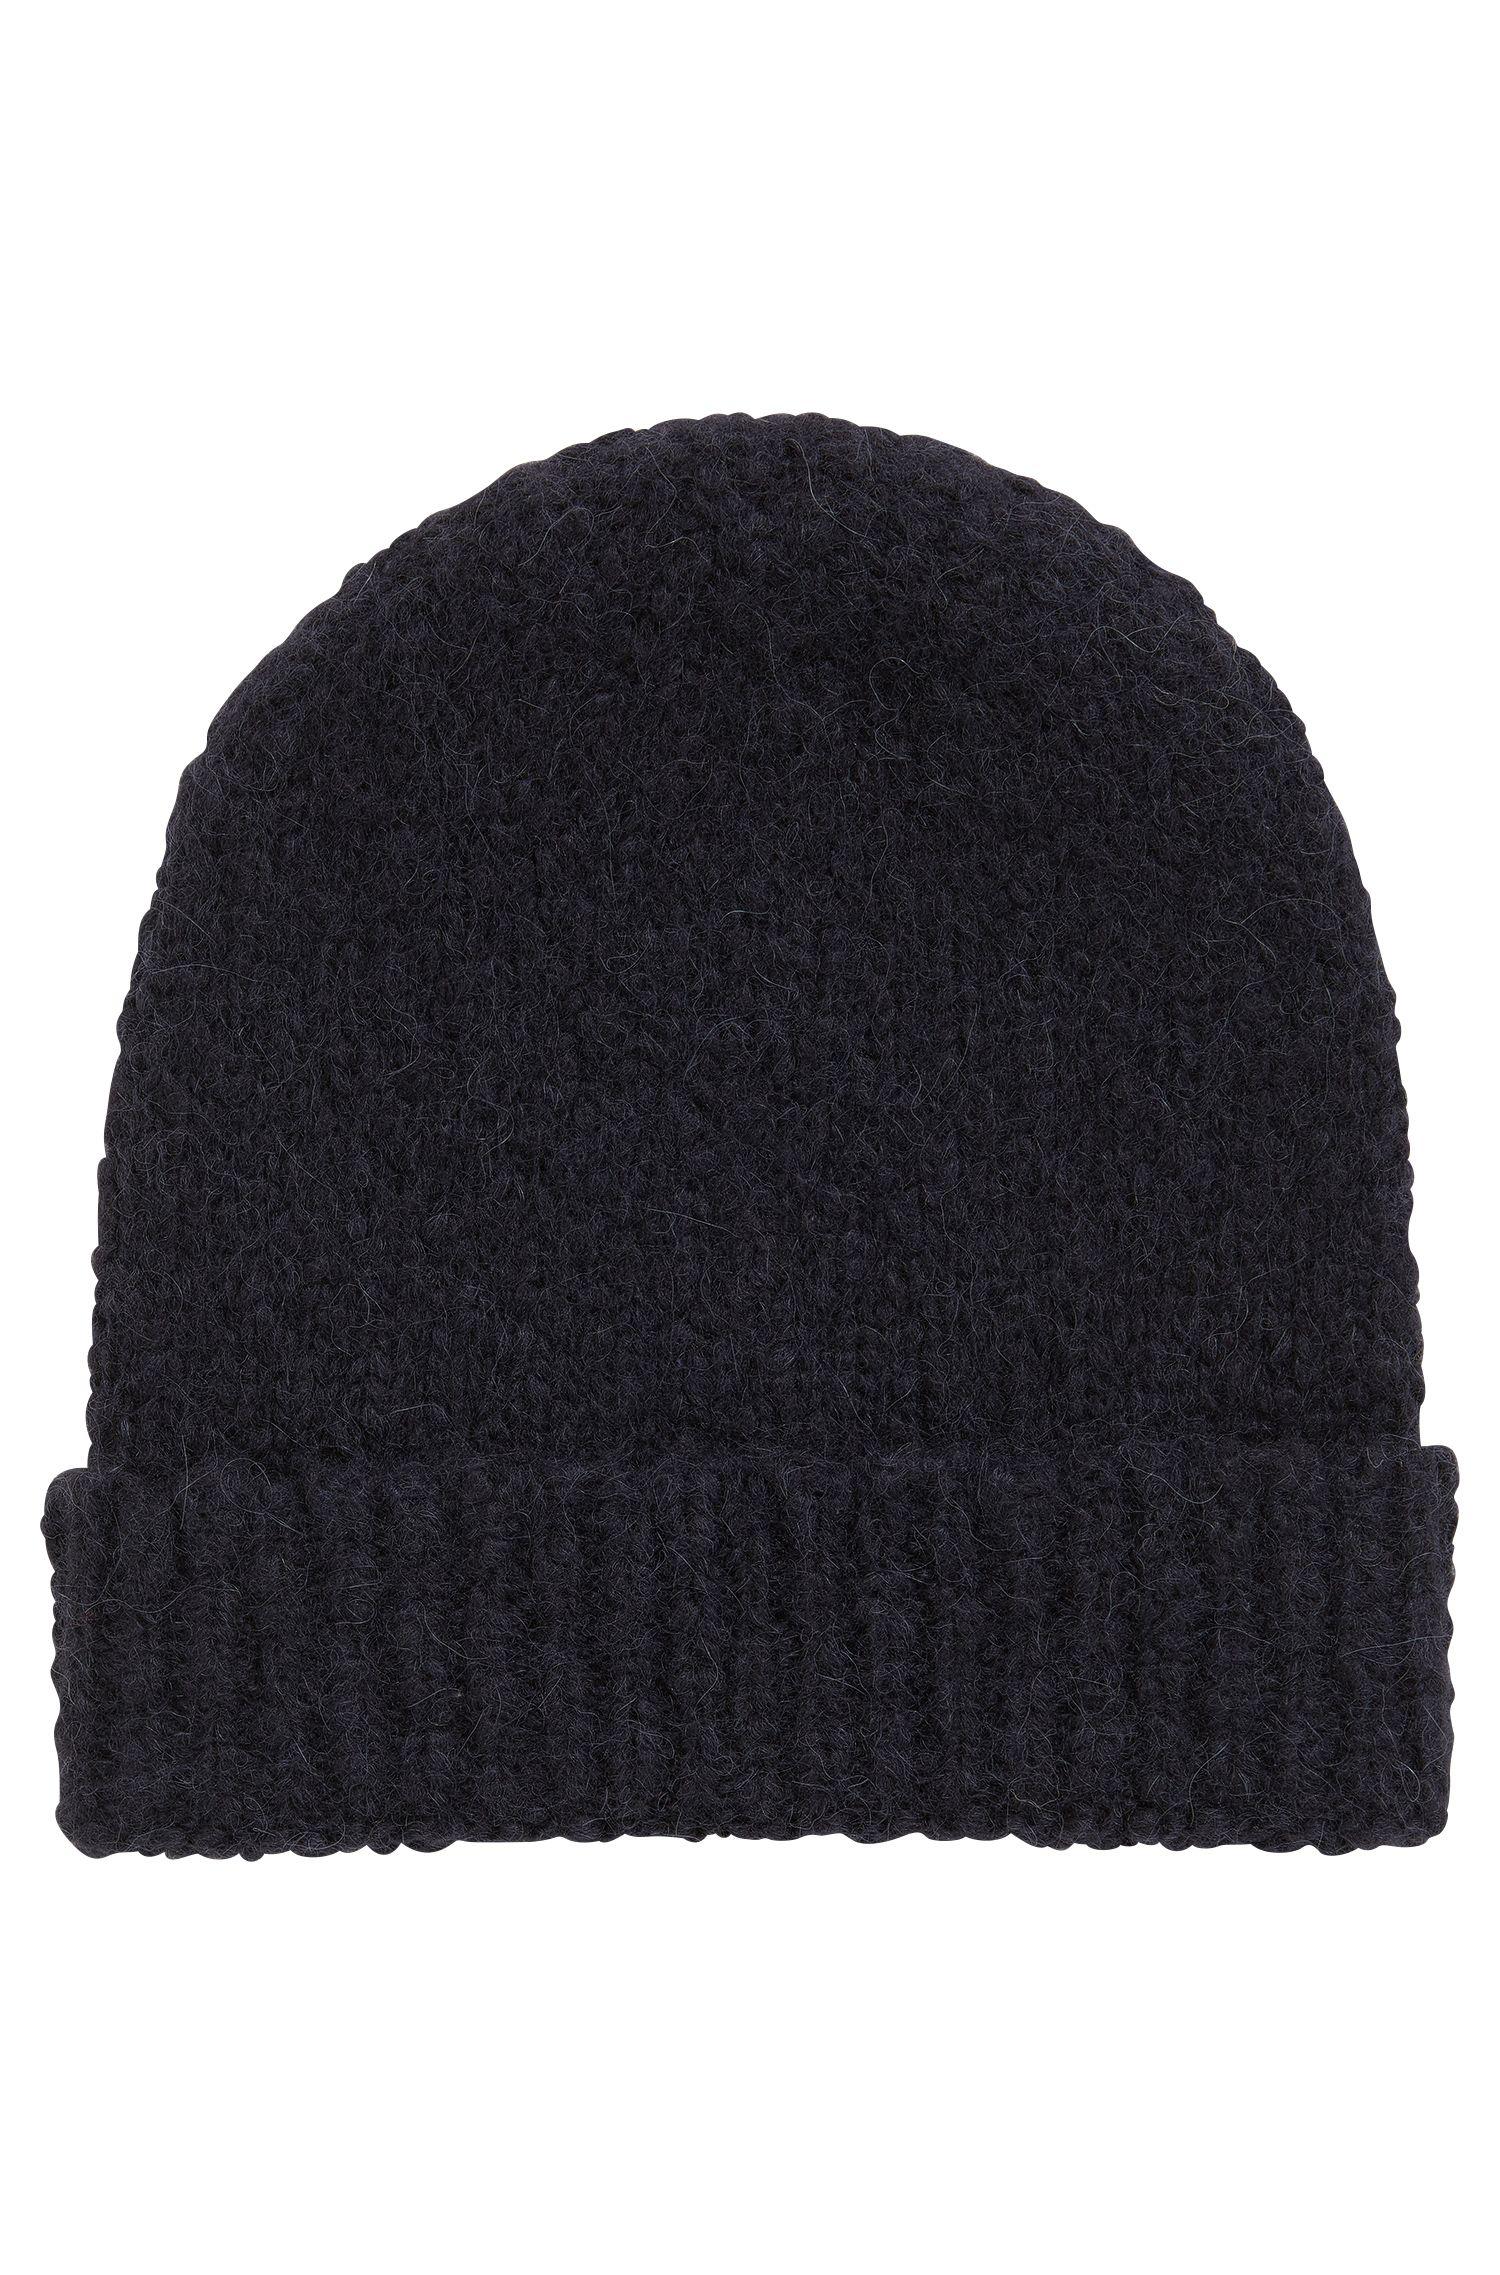 Beanie hat in an alpaca wool blend